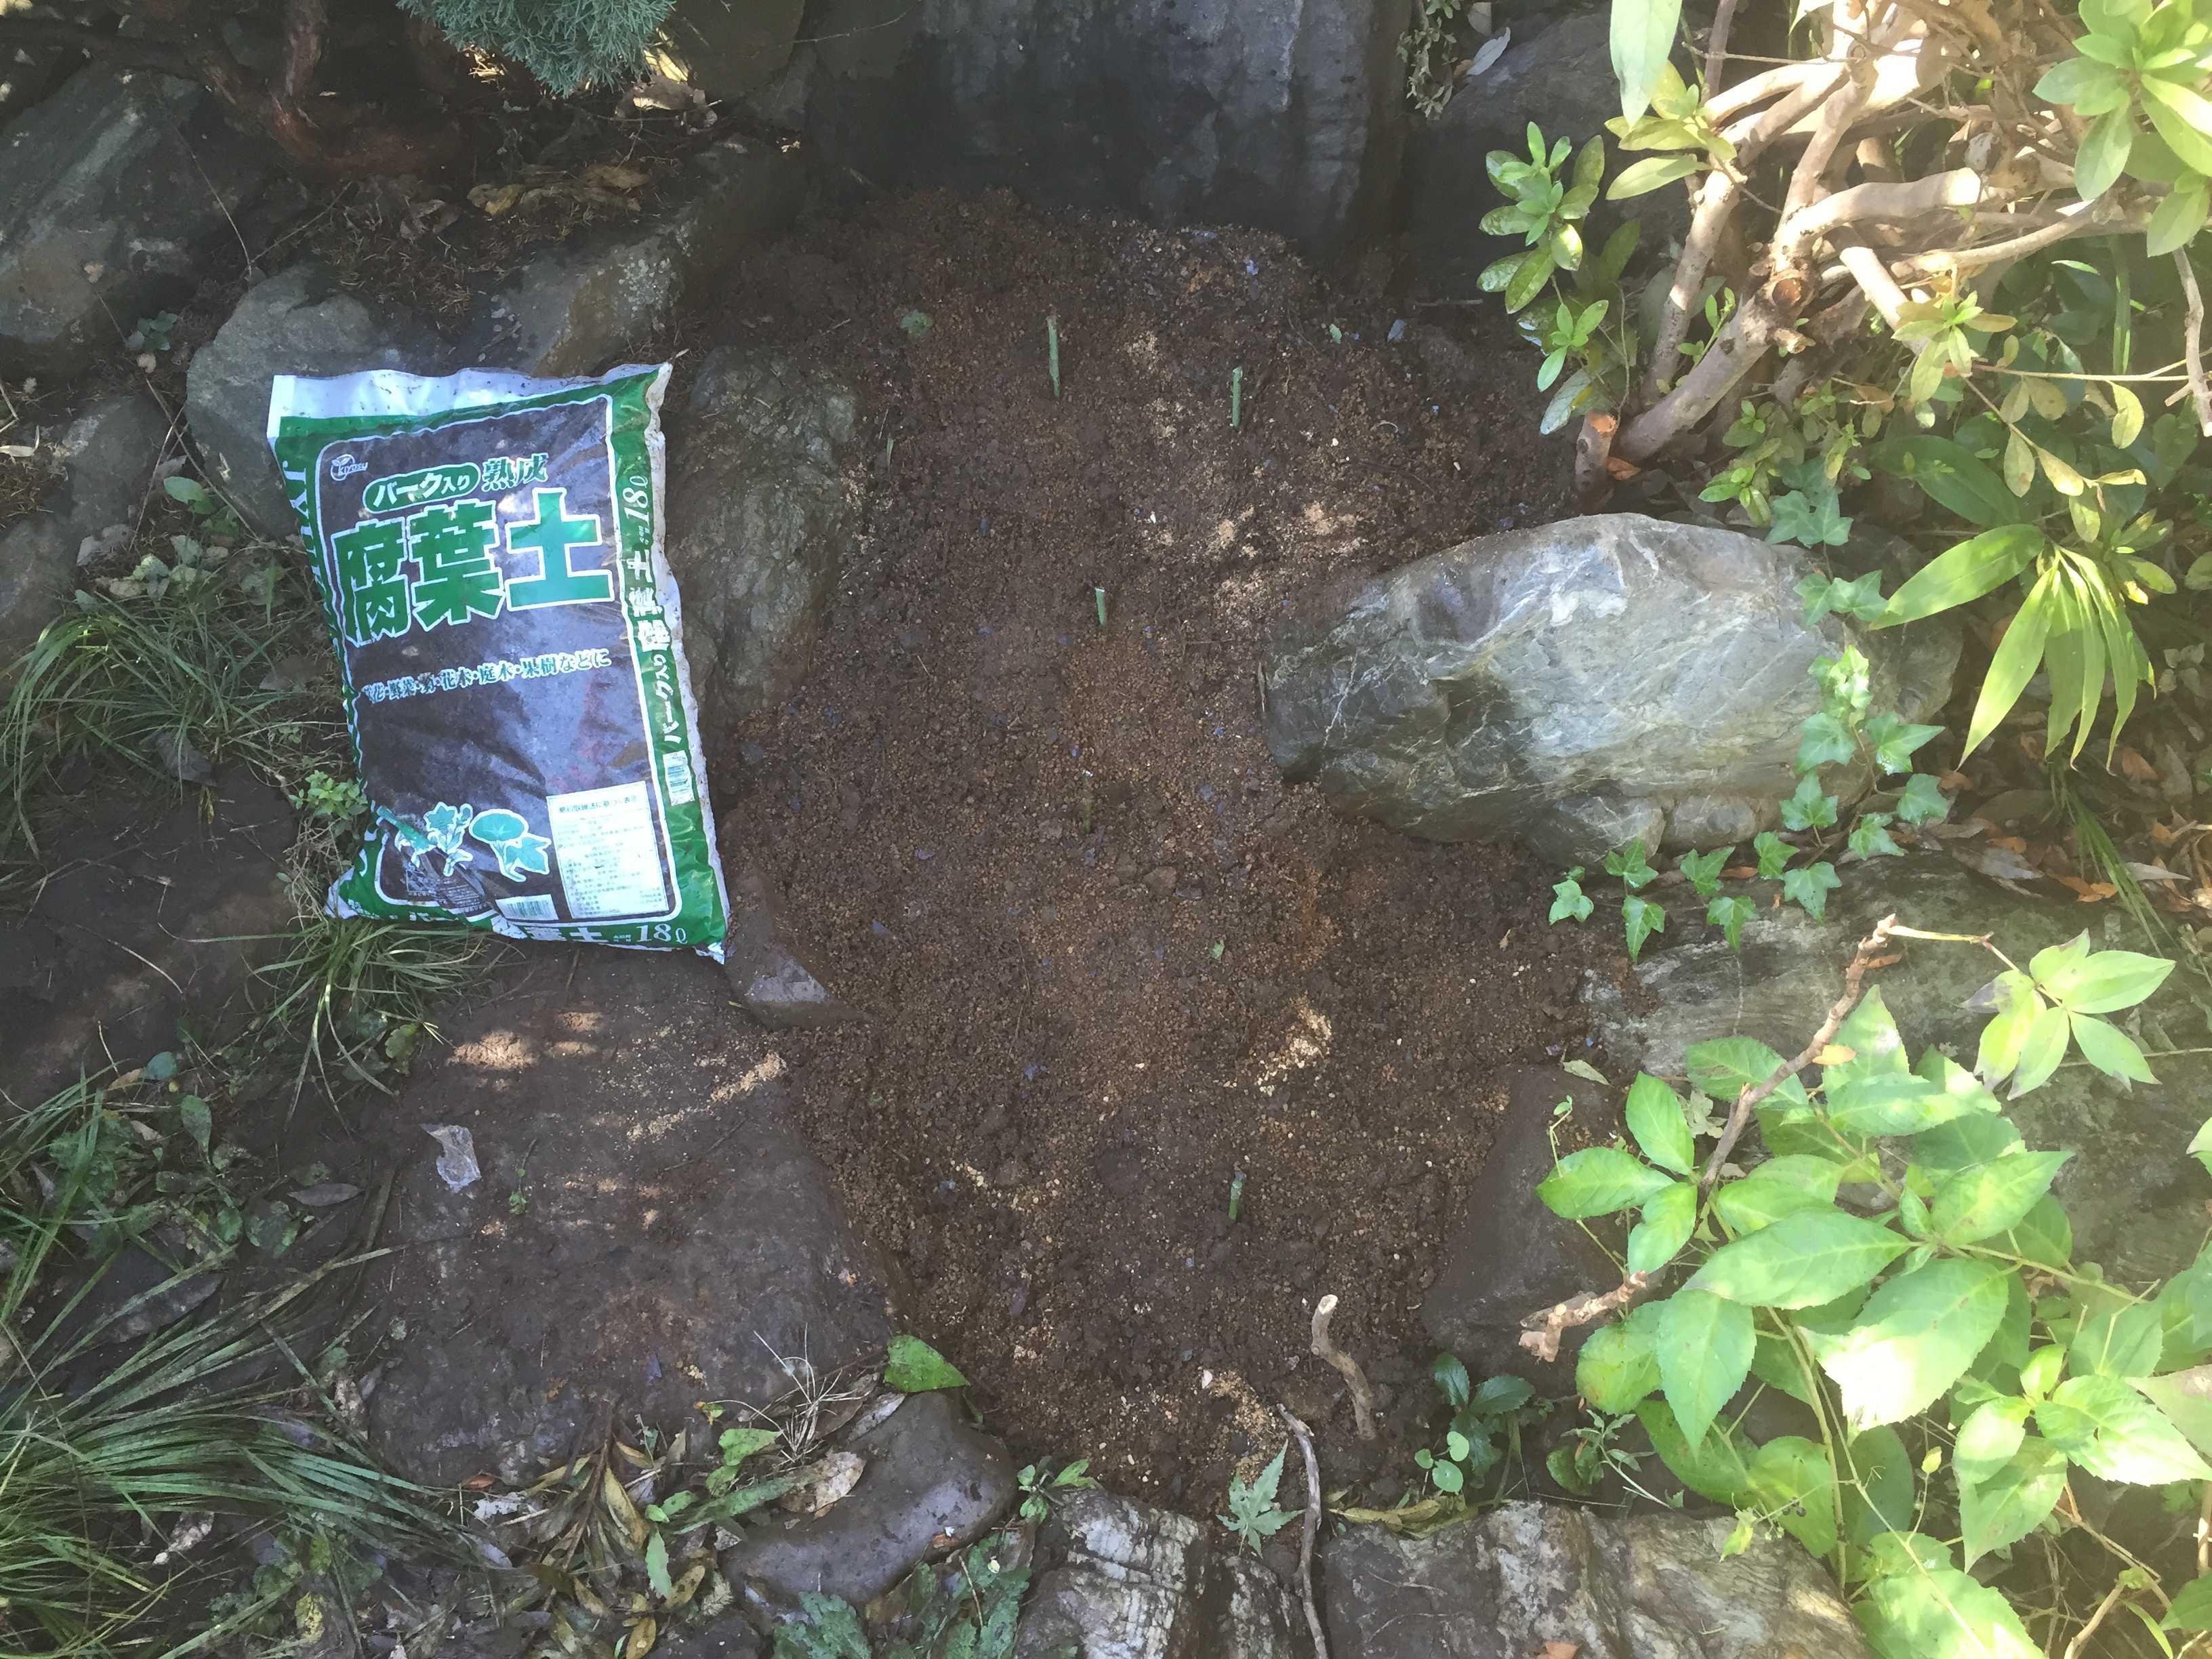 ヤマユリの球根植え付け終了